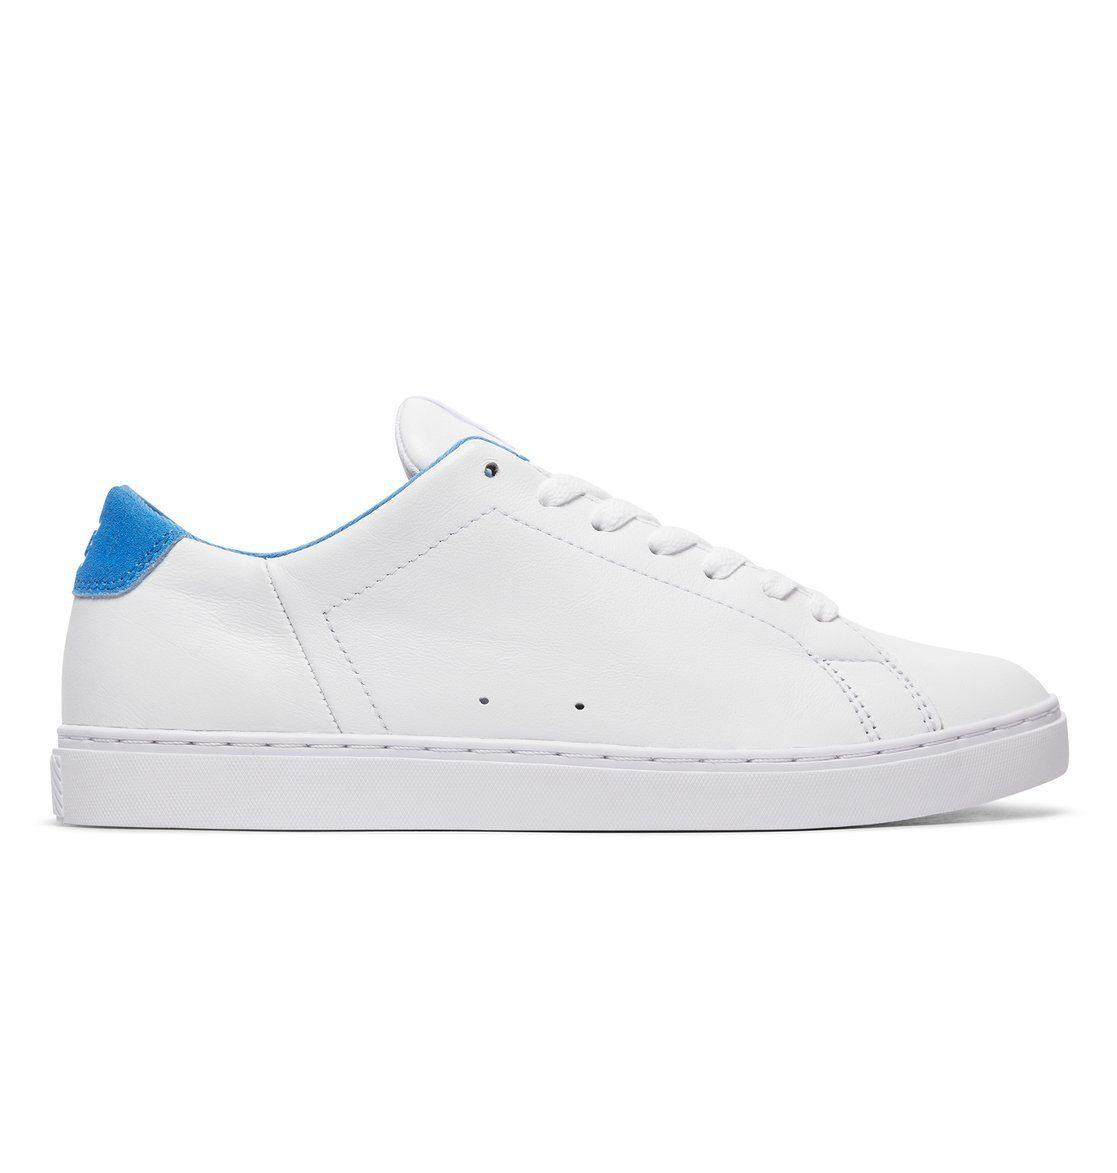 DC Shoes Schuhe Reprieve SE online kaufen  White#ft5_slash#blue